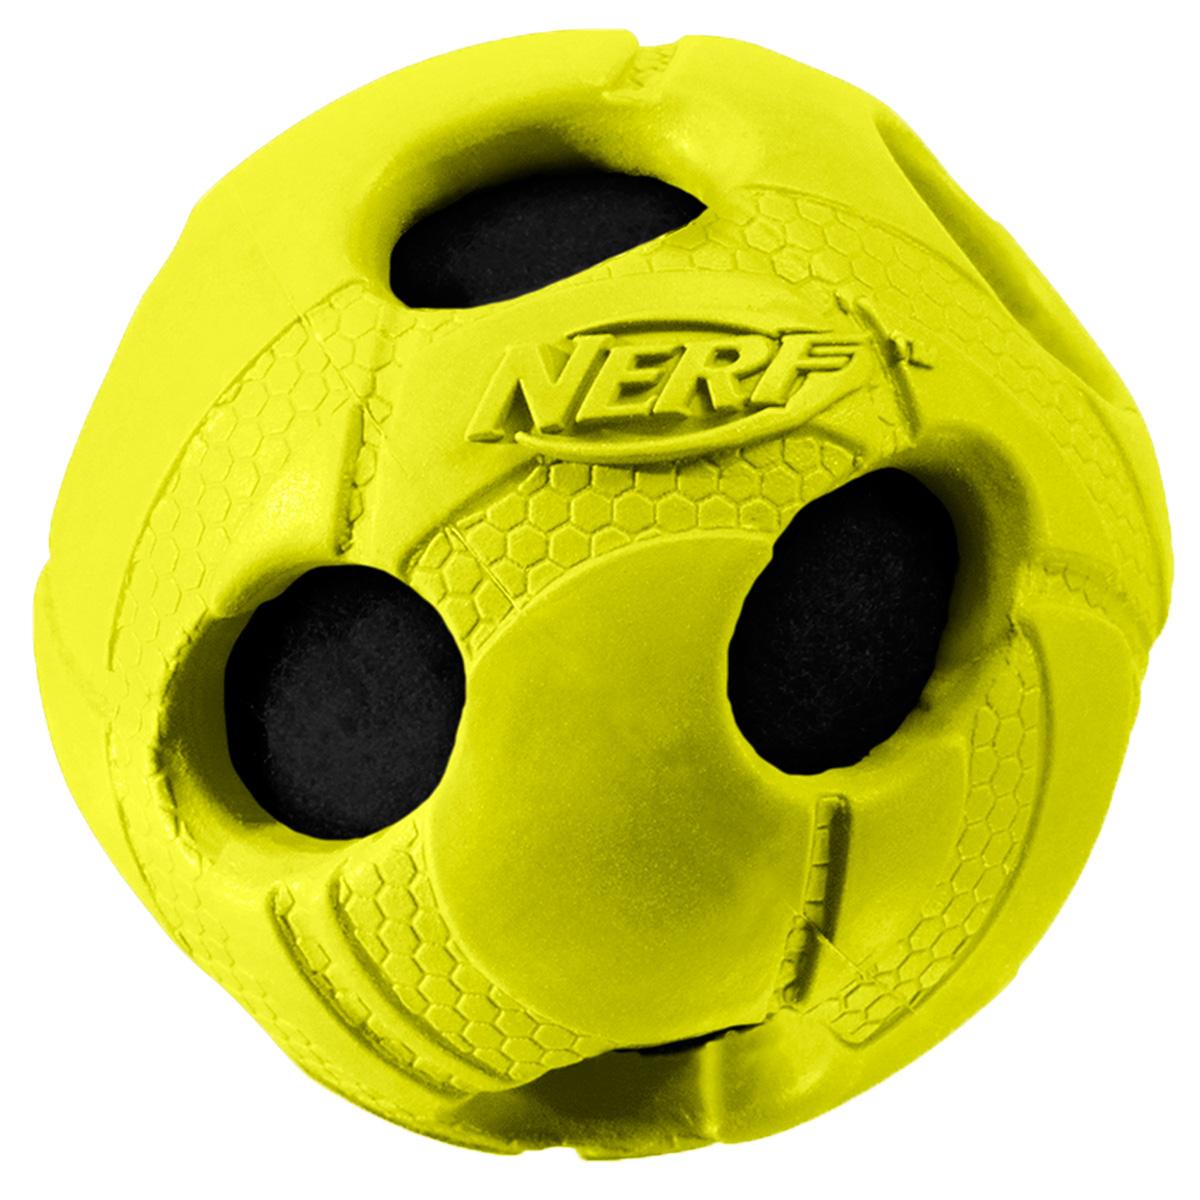 Игрушка для собак Nerf Мяч, с отверстиями, цвет: желтый, 6 см как нарисовать nerf